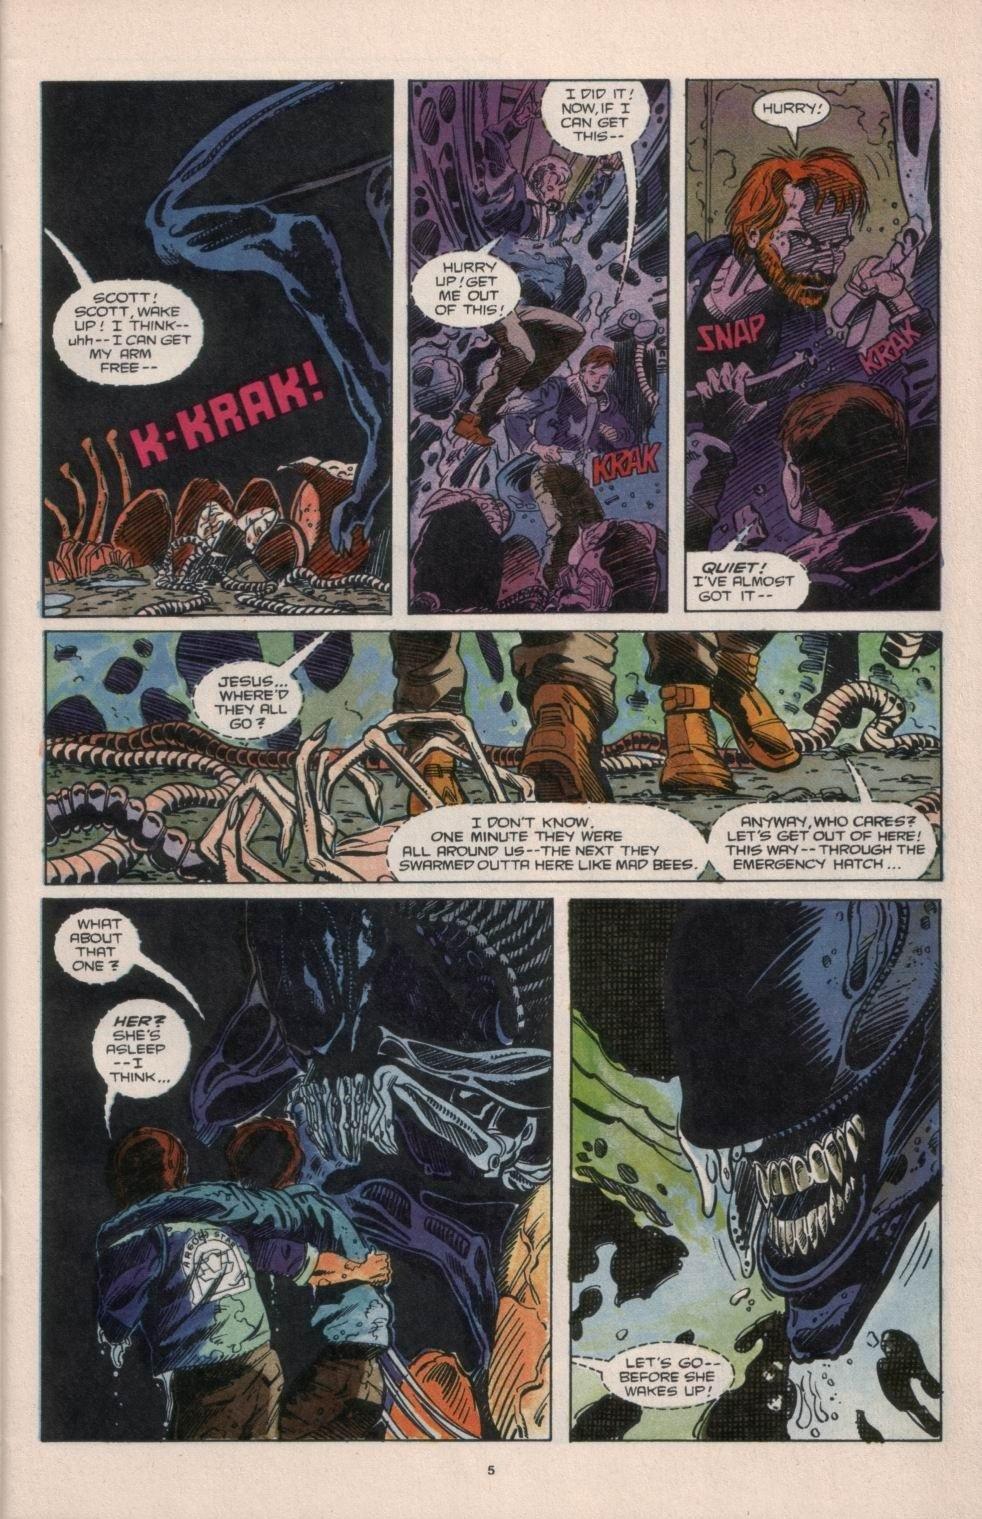 Бэтмен против Чужого?! Безумные комикс-кроссоверы сксеноморфами. - Изображение 6